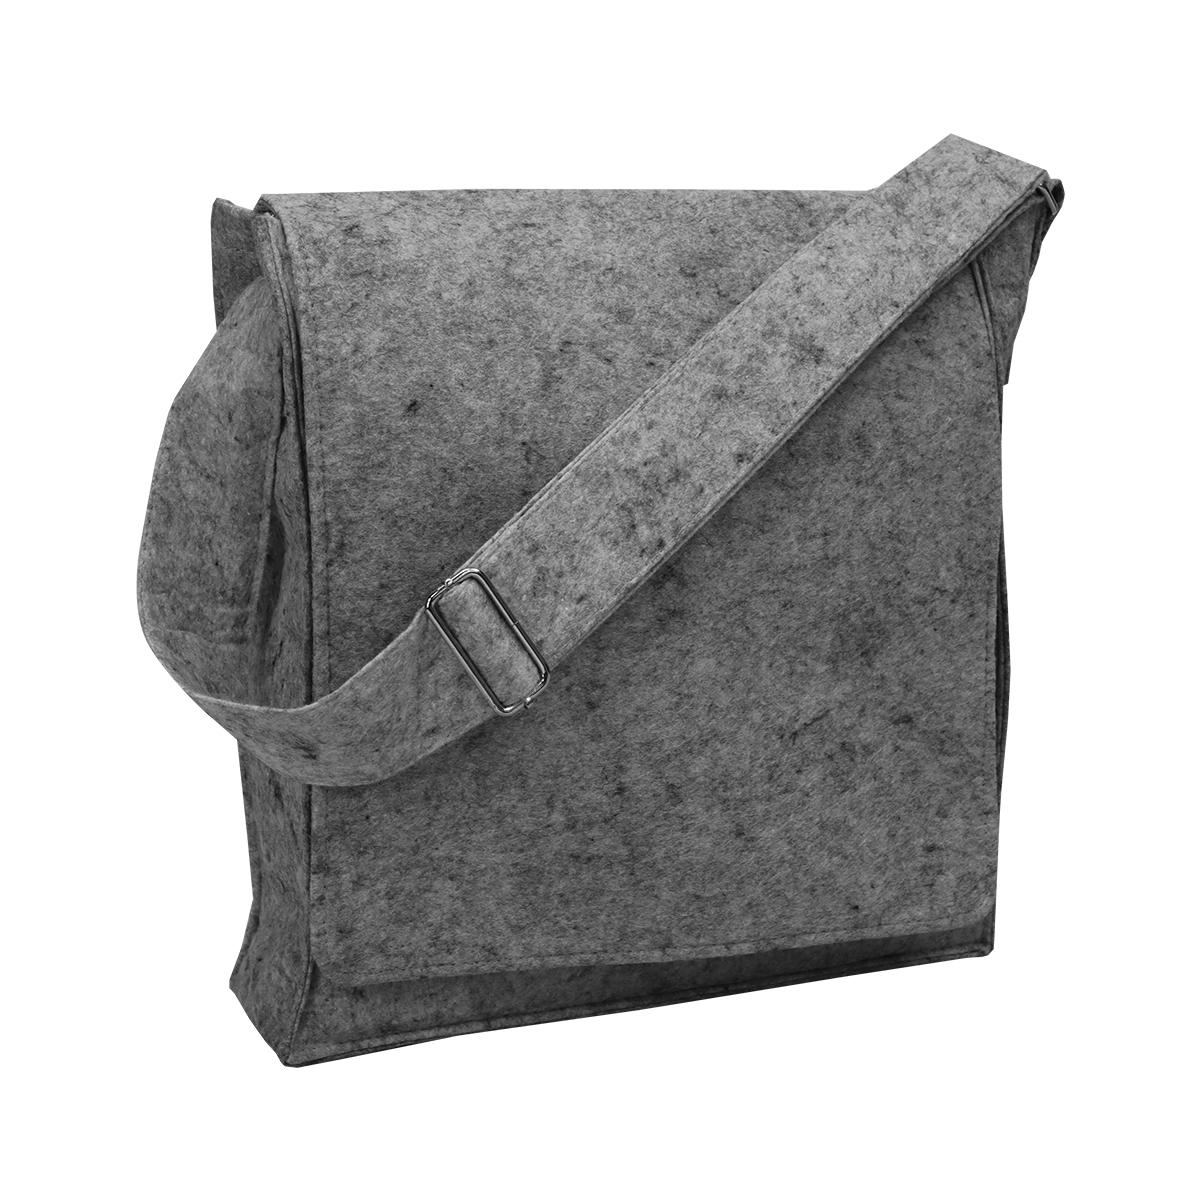 viltentassen-schoudertassen-ligtgrijs-product